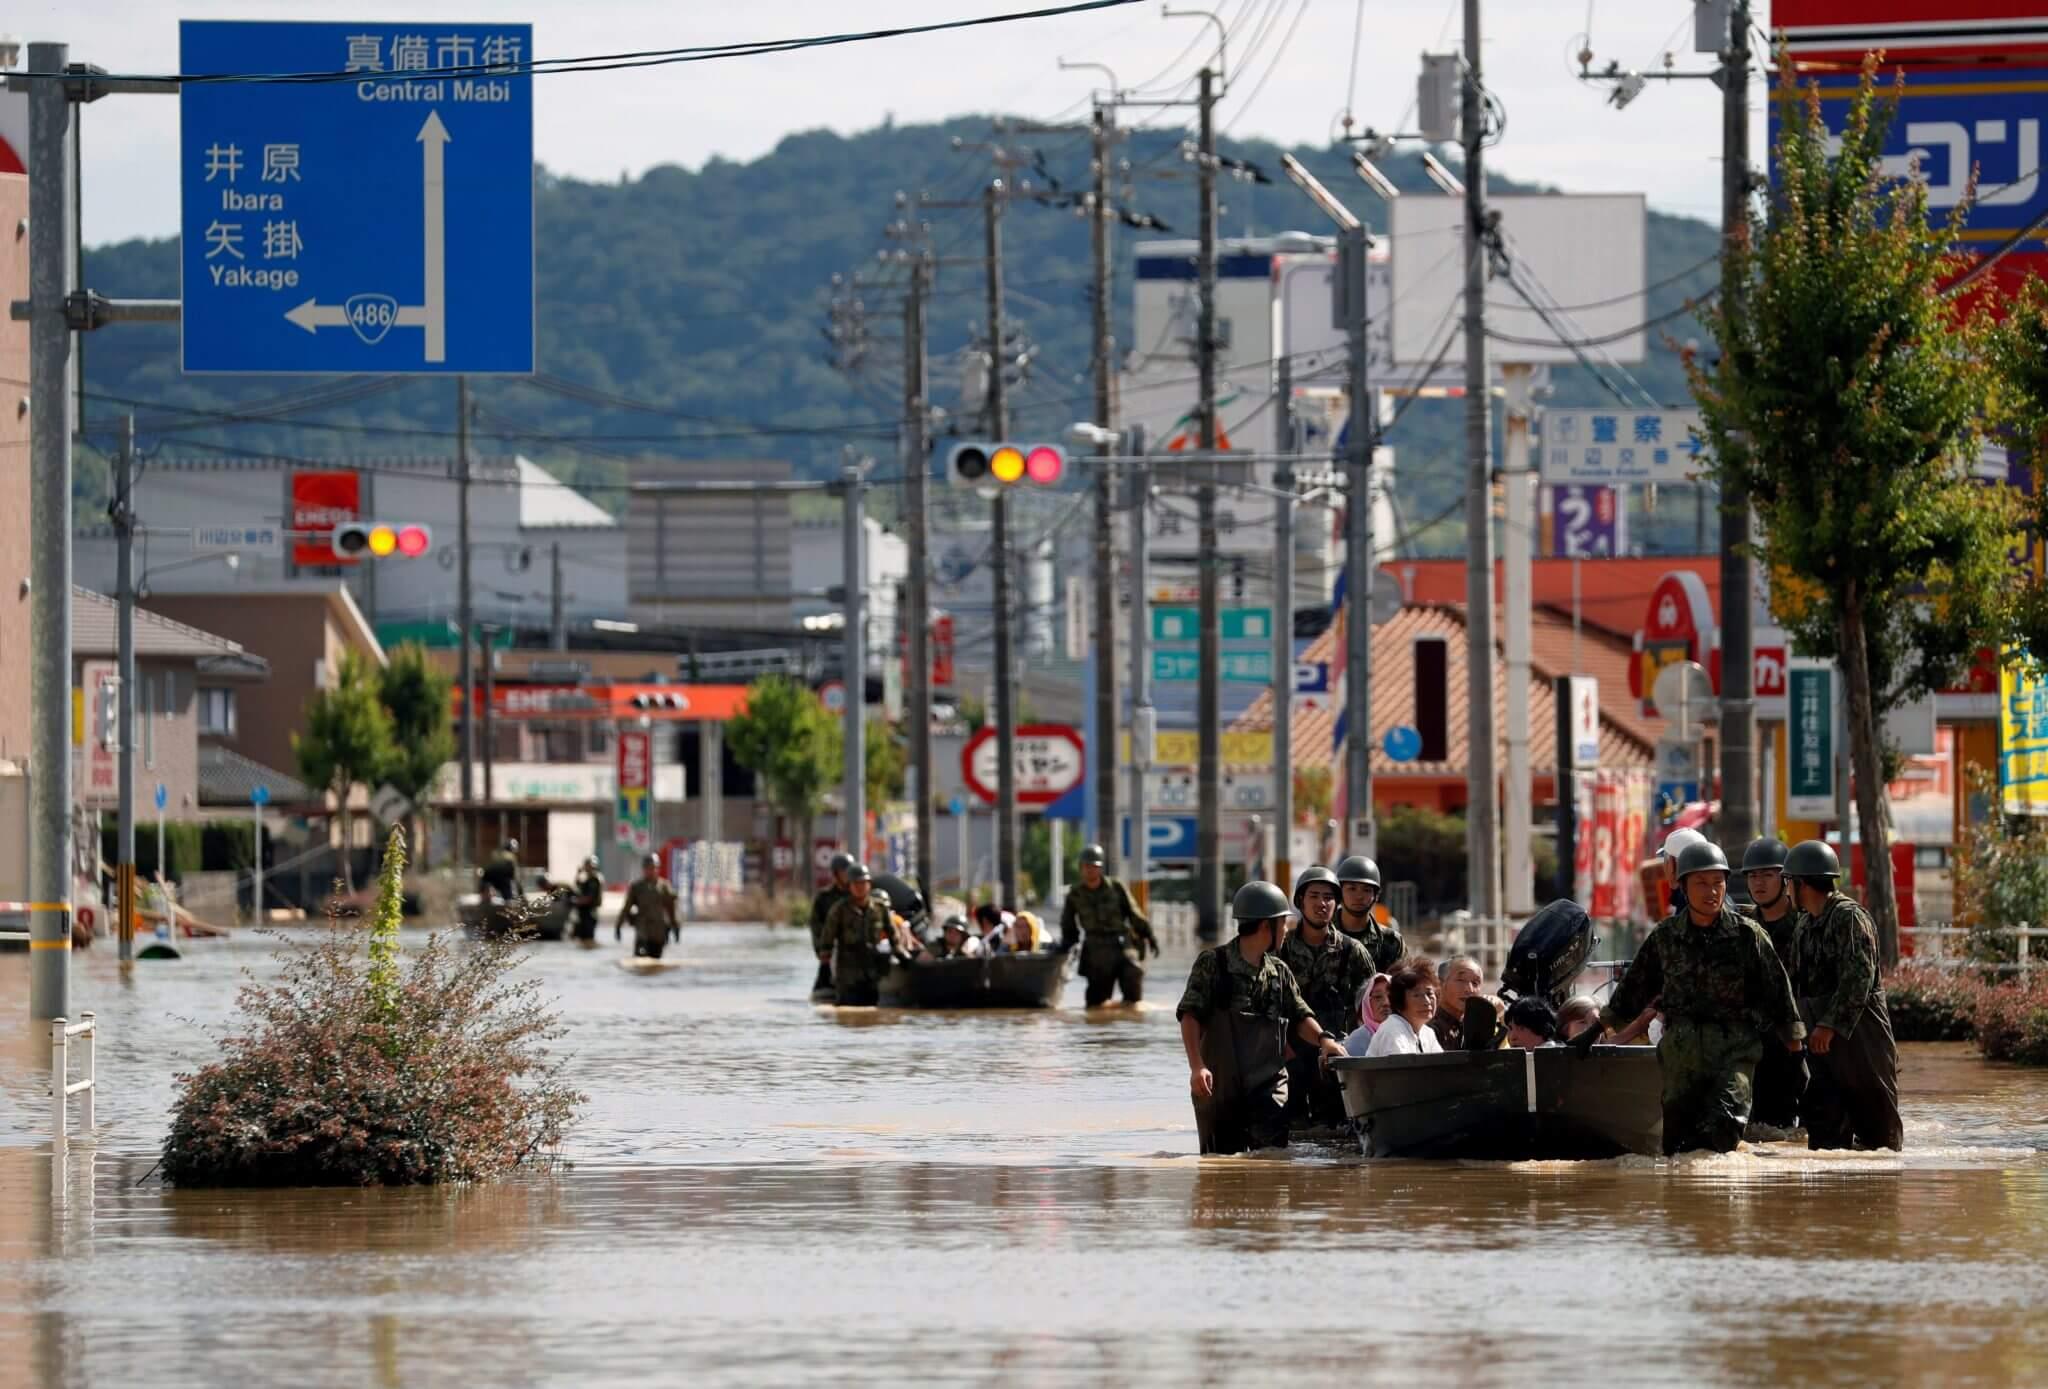 Las 15 fotografías más impactantes de las devastadoras inundaciones en Japón